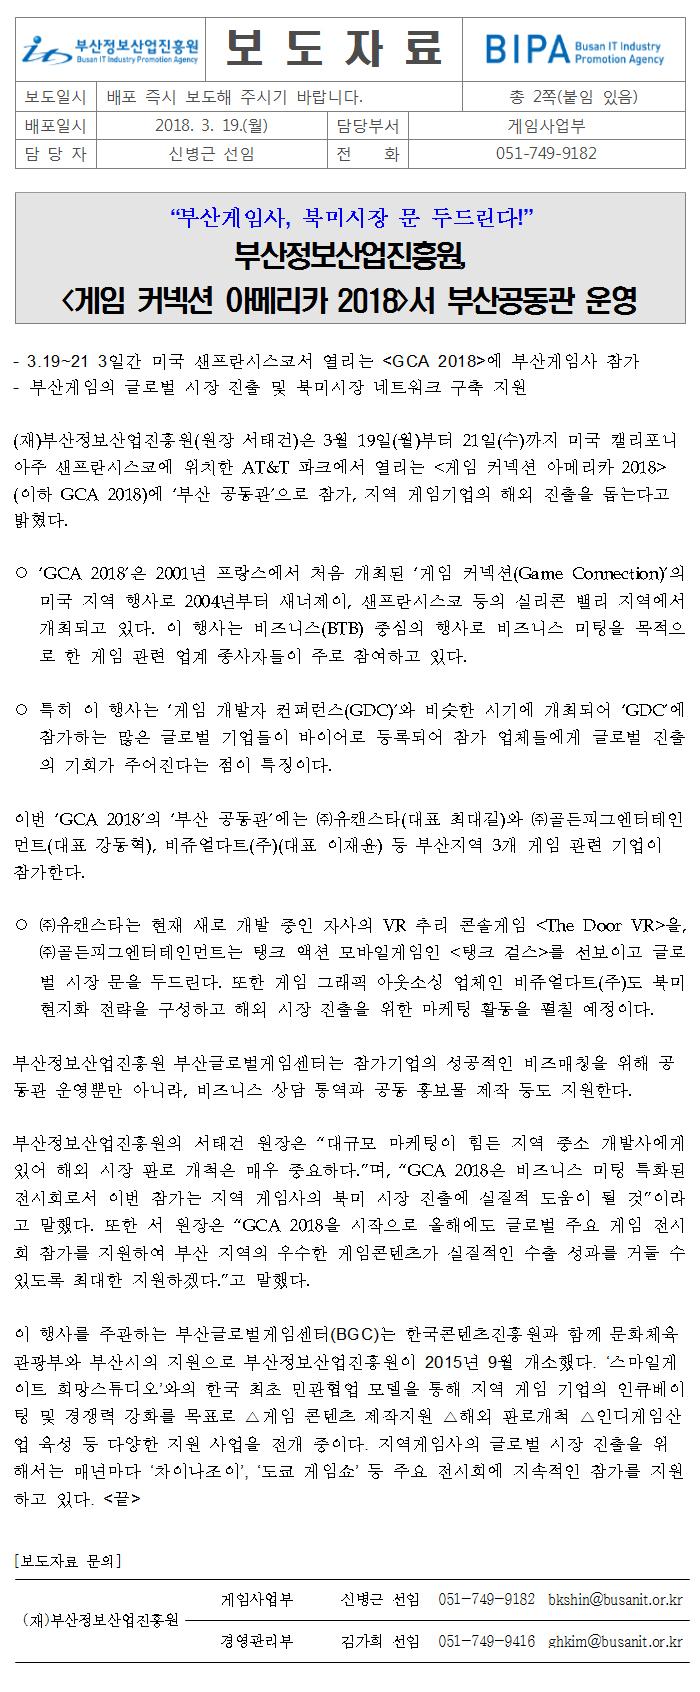 부산정보산업진흥원, <게임 커넥션 아메리카 2018>서 부산공동관 운영